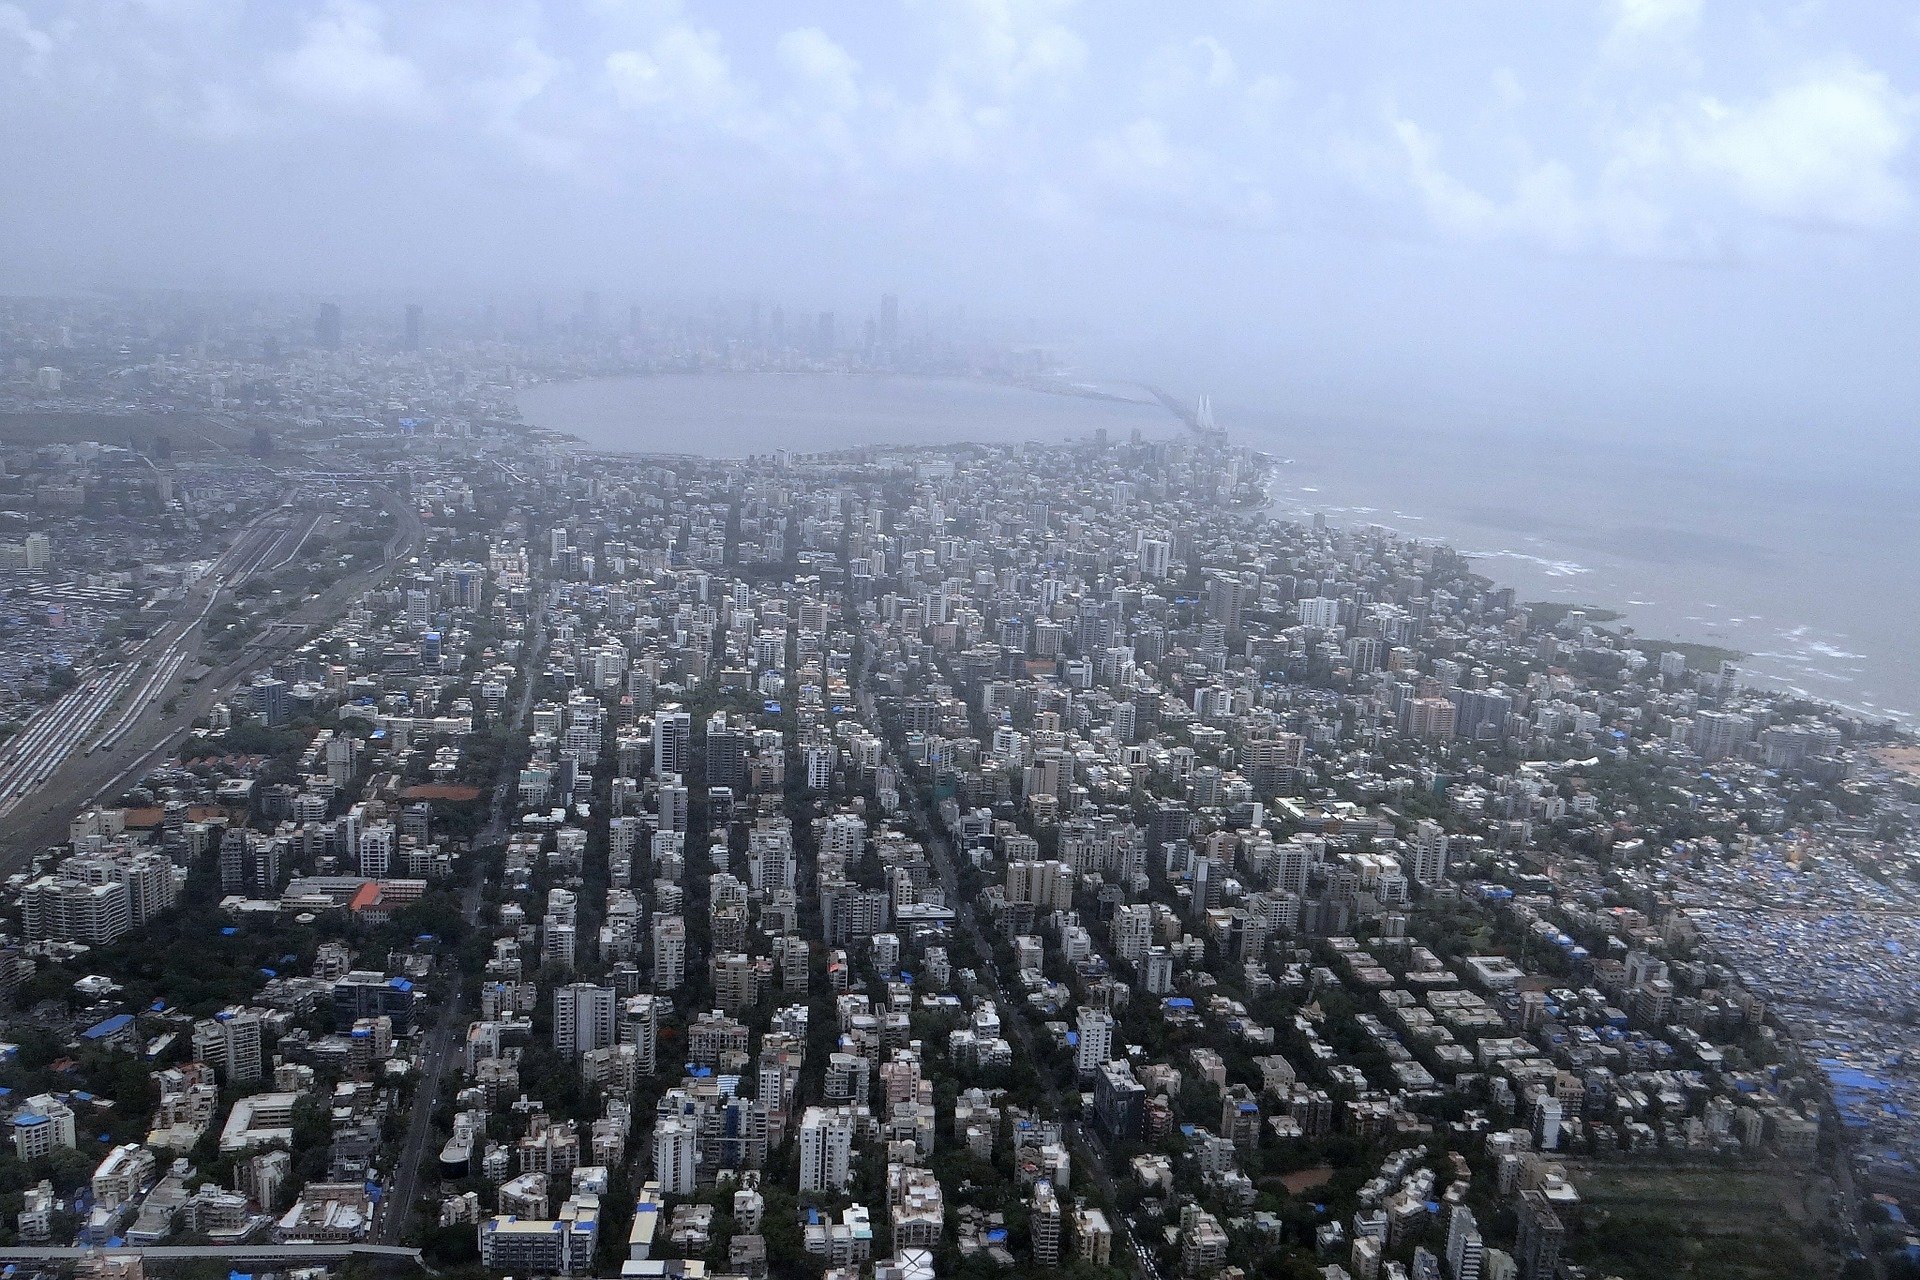 mumbai above